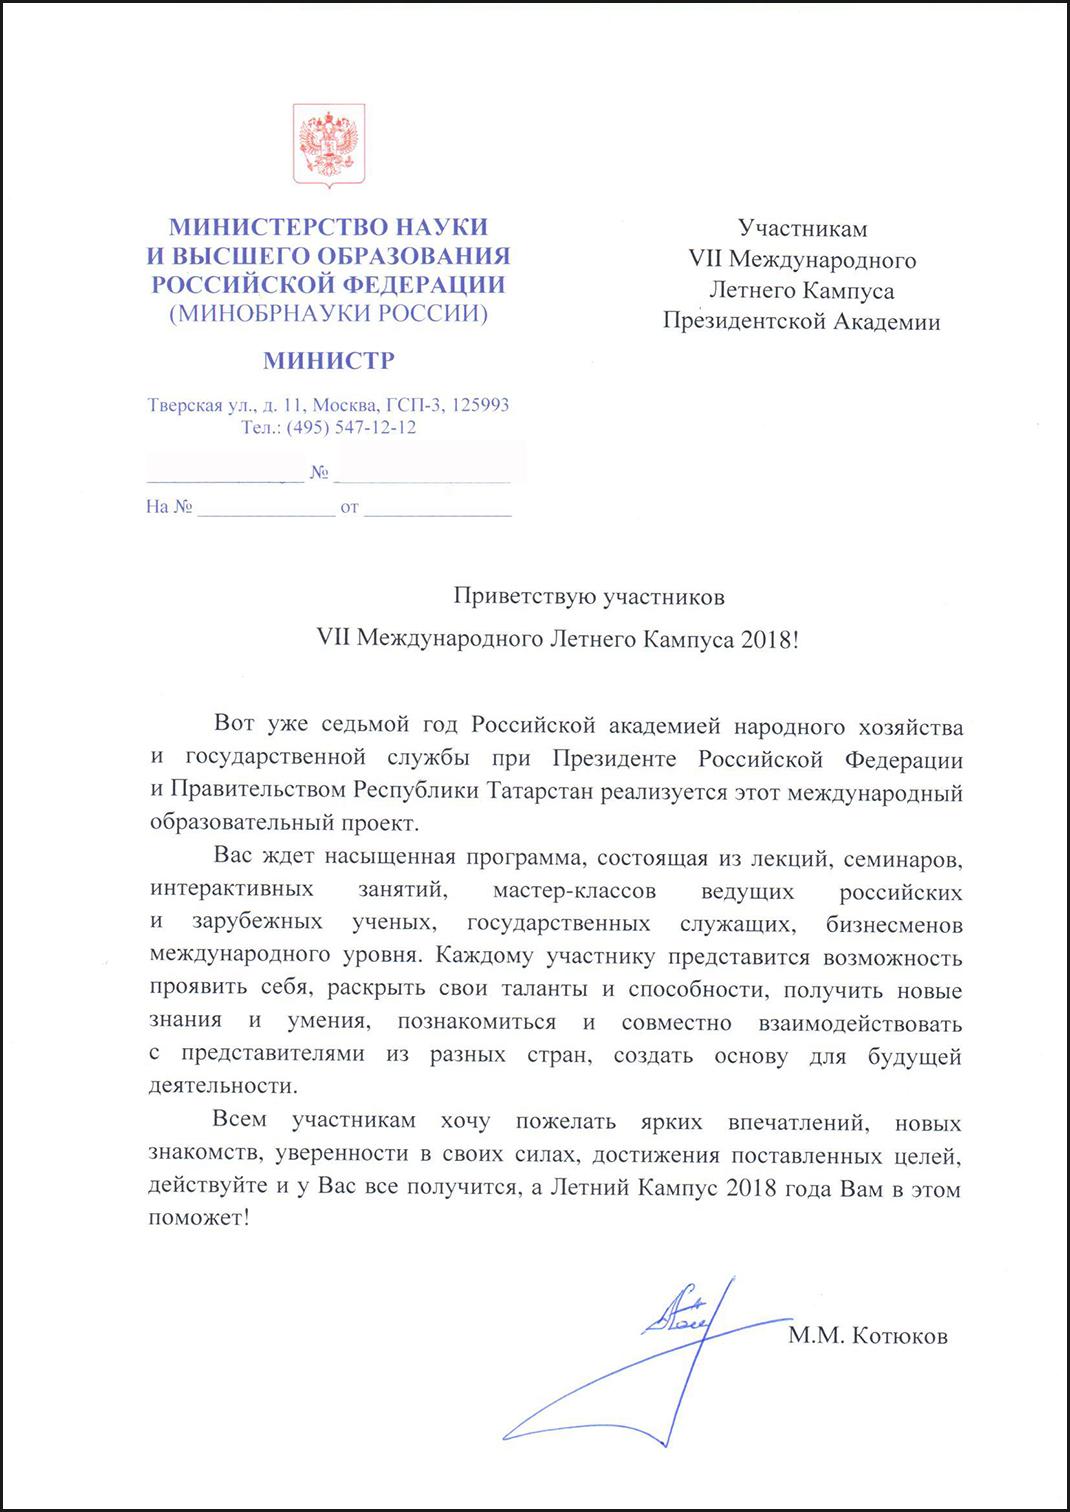 Министр науки и высшего образования РФ Михаил Котюков поприветствовал участников Летнего кампуса